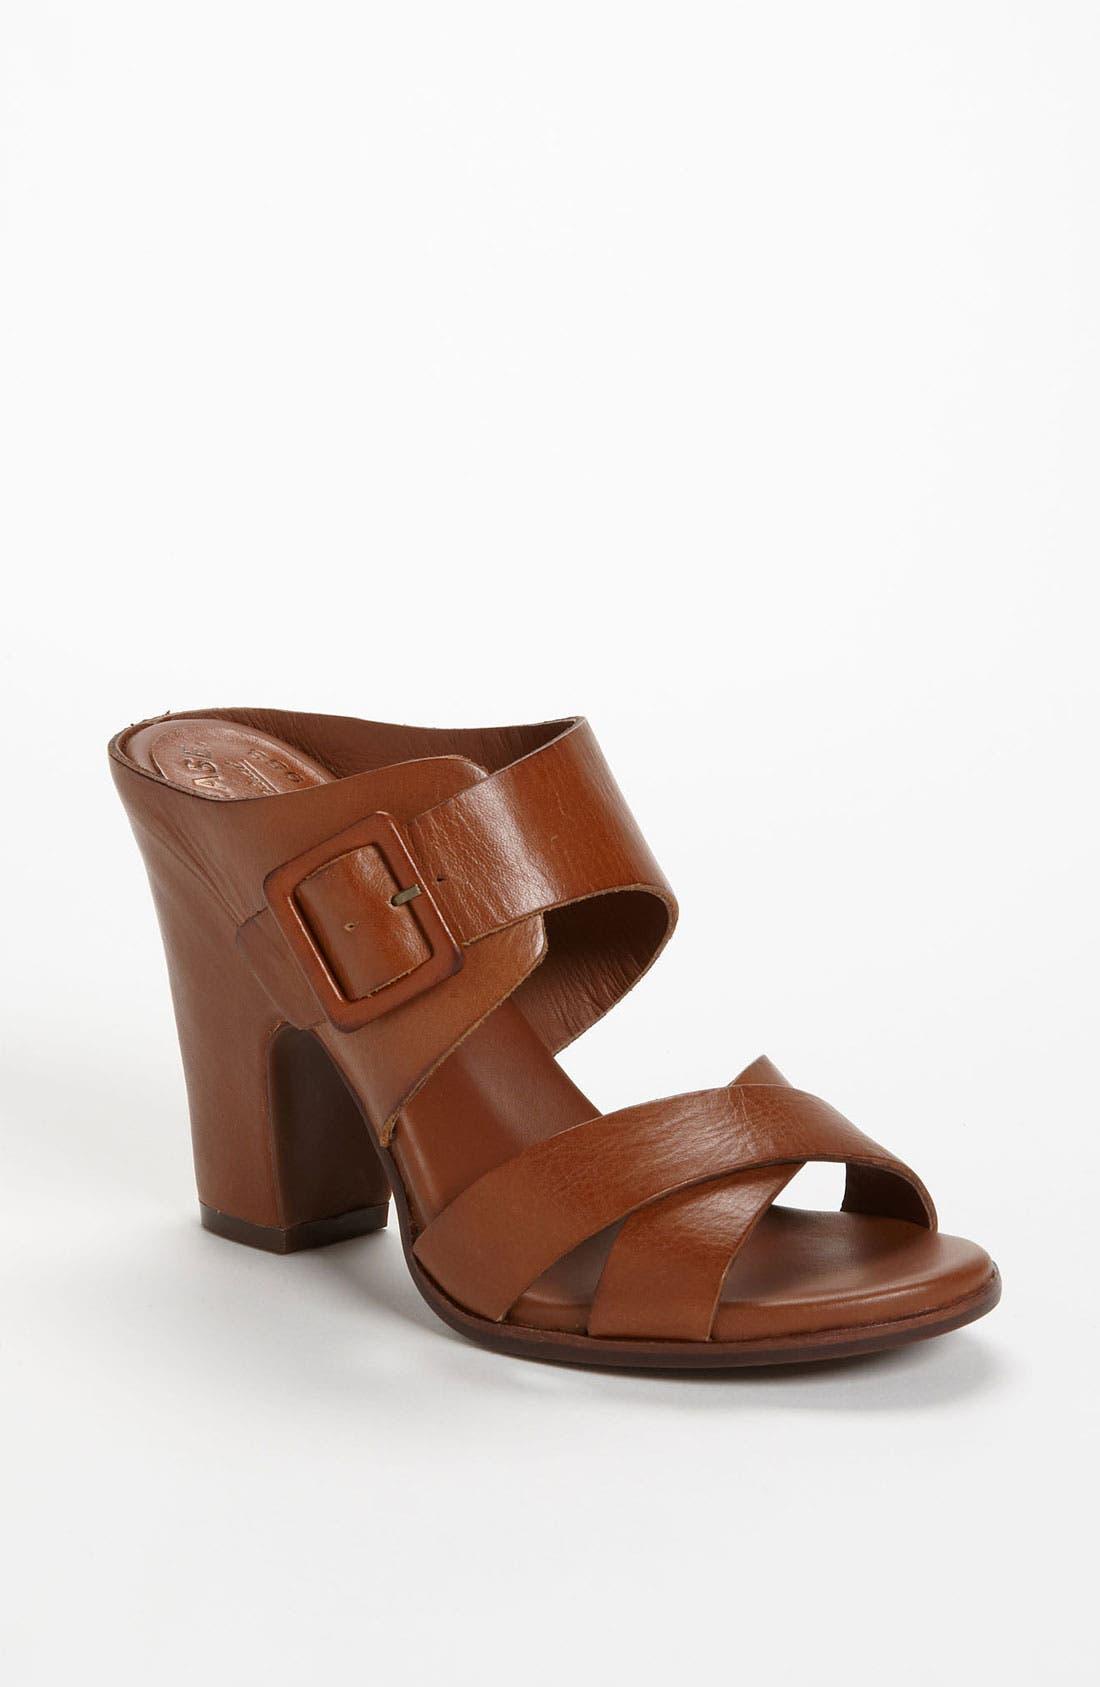 Main Image - Kork-Ease 'Colette' Sandal